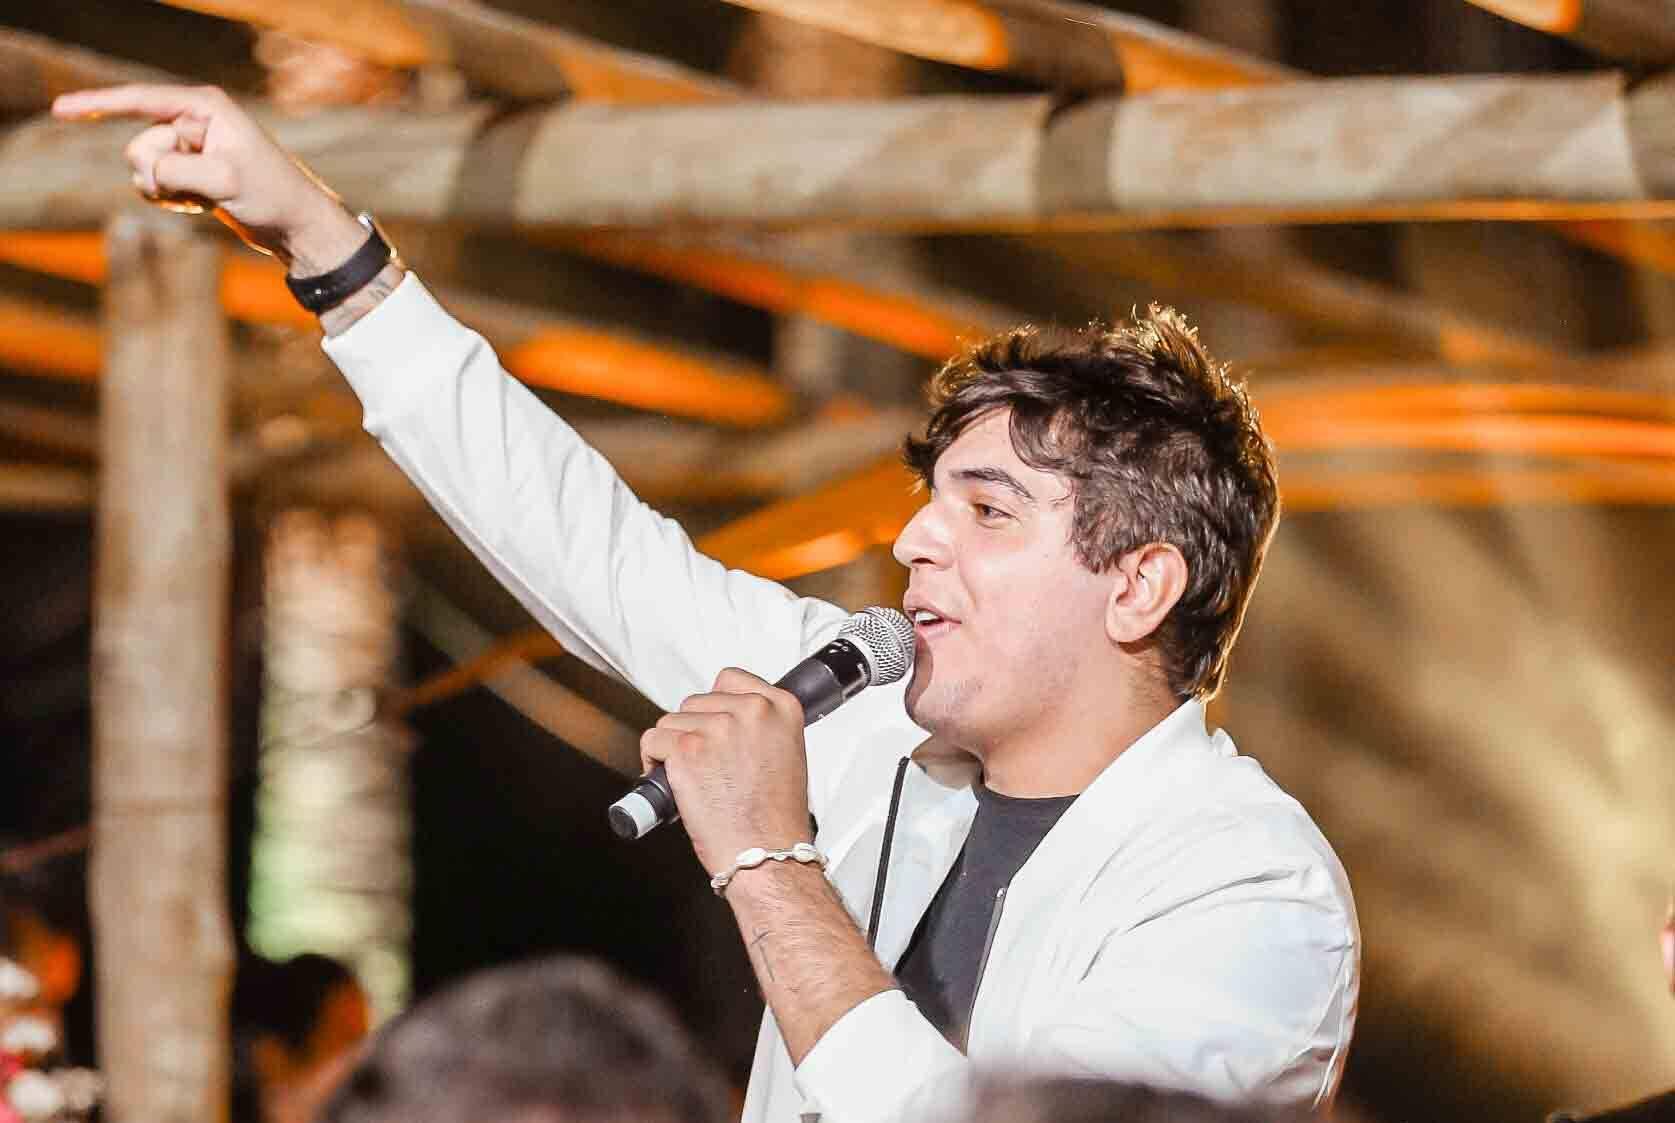 Conheça Nattan: cantor e compositor de forró que é referência nas redes sociais. Foto: Divulgação